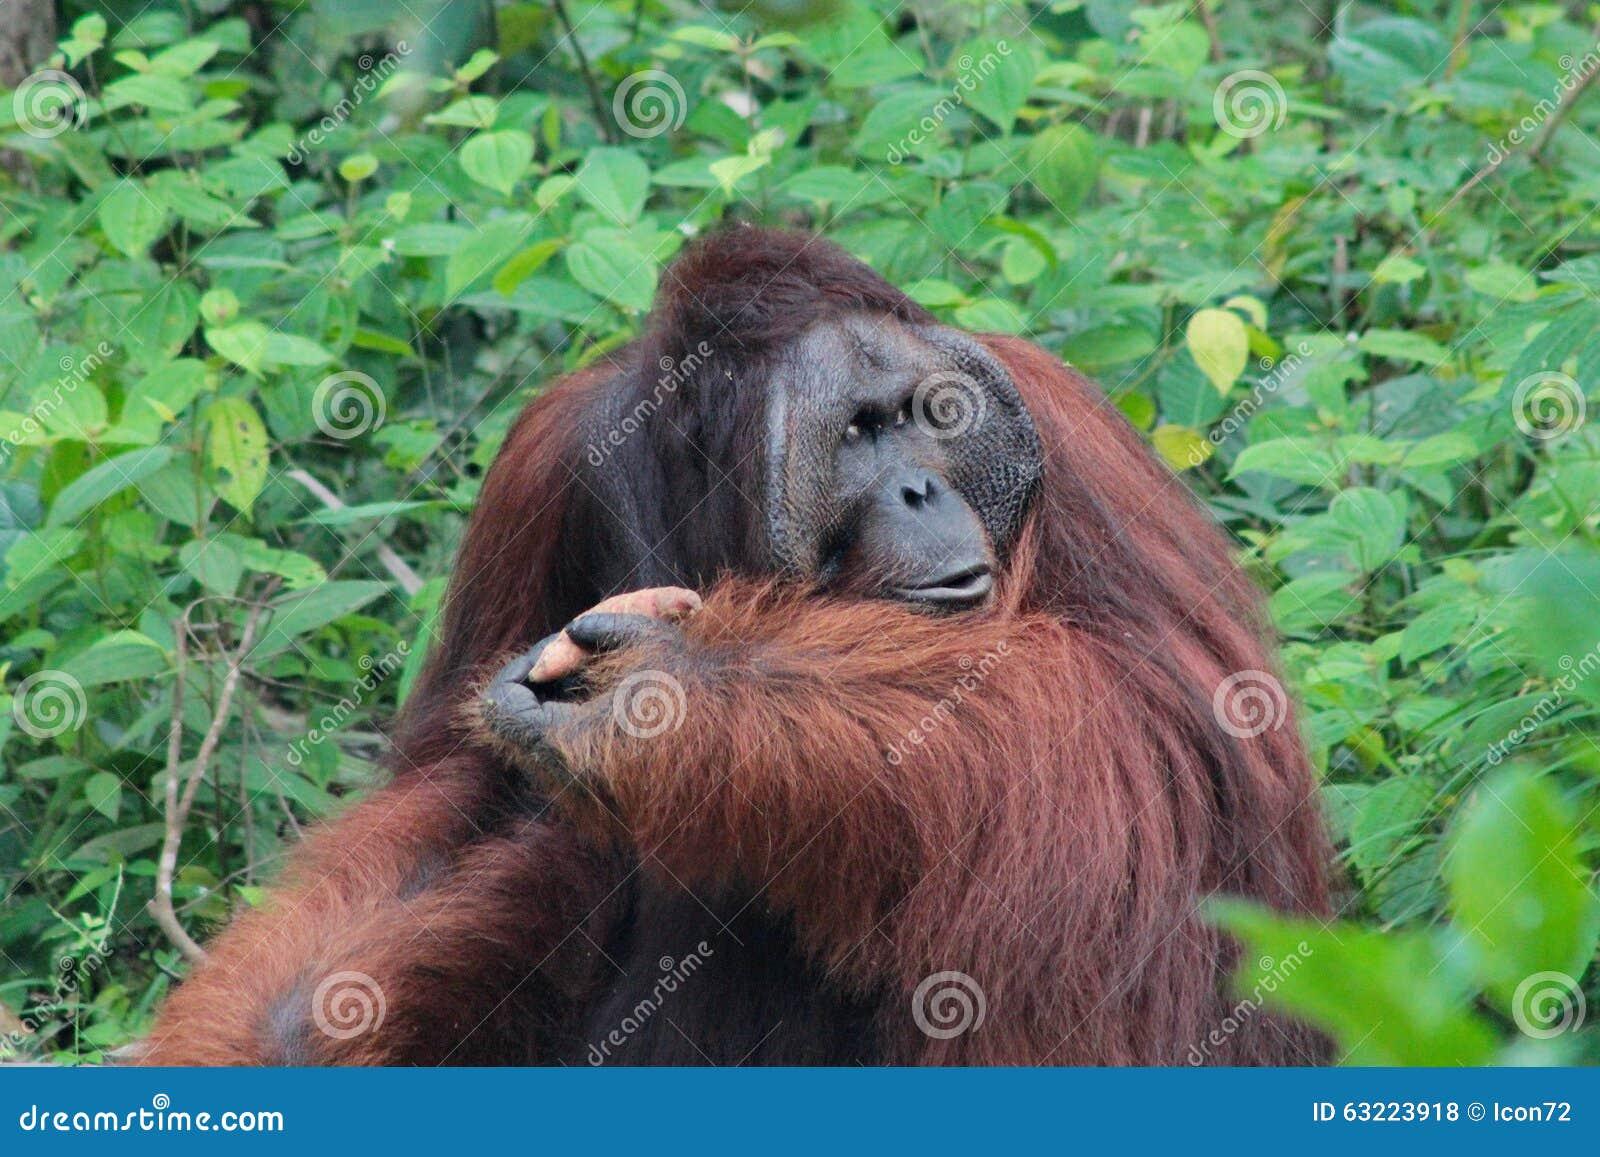 Θρυλικός άλφα αρσενικός Orangutan του Μπόρνεο (αποκαλούμενος Richie)